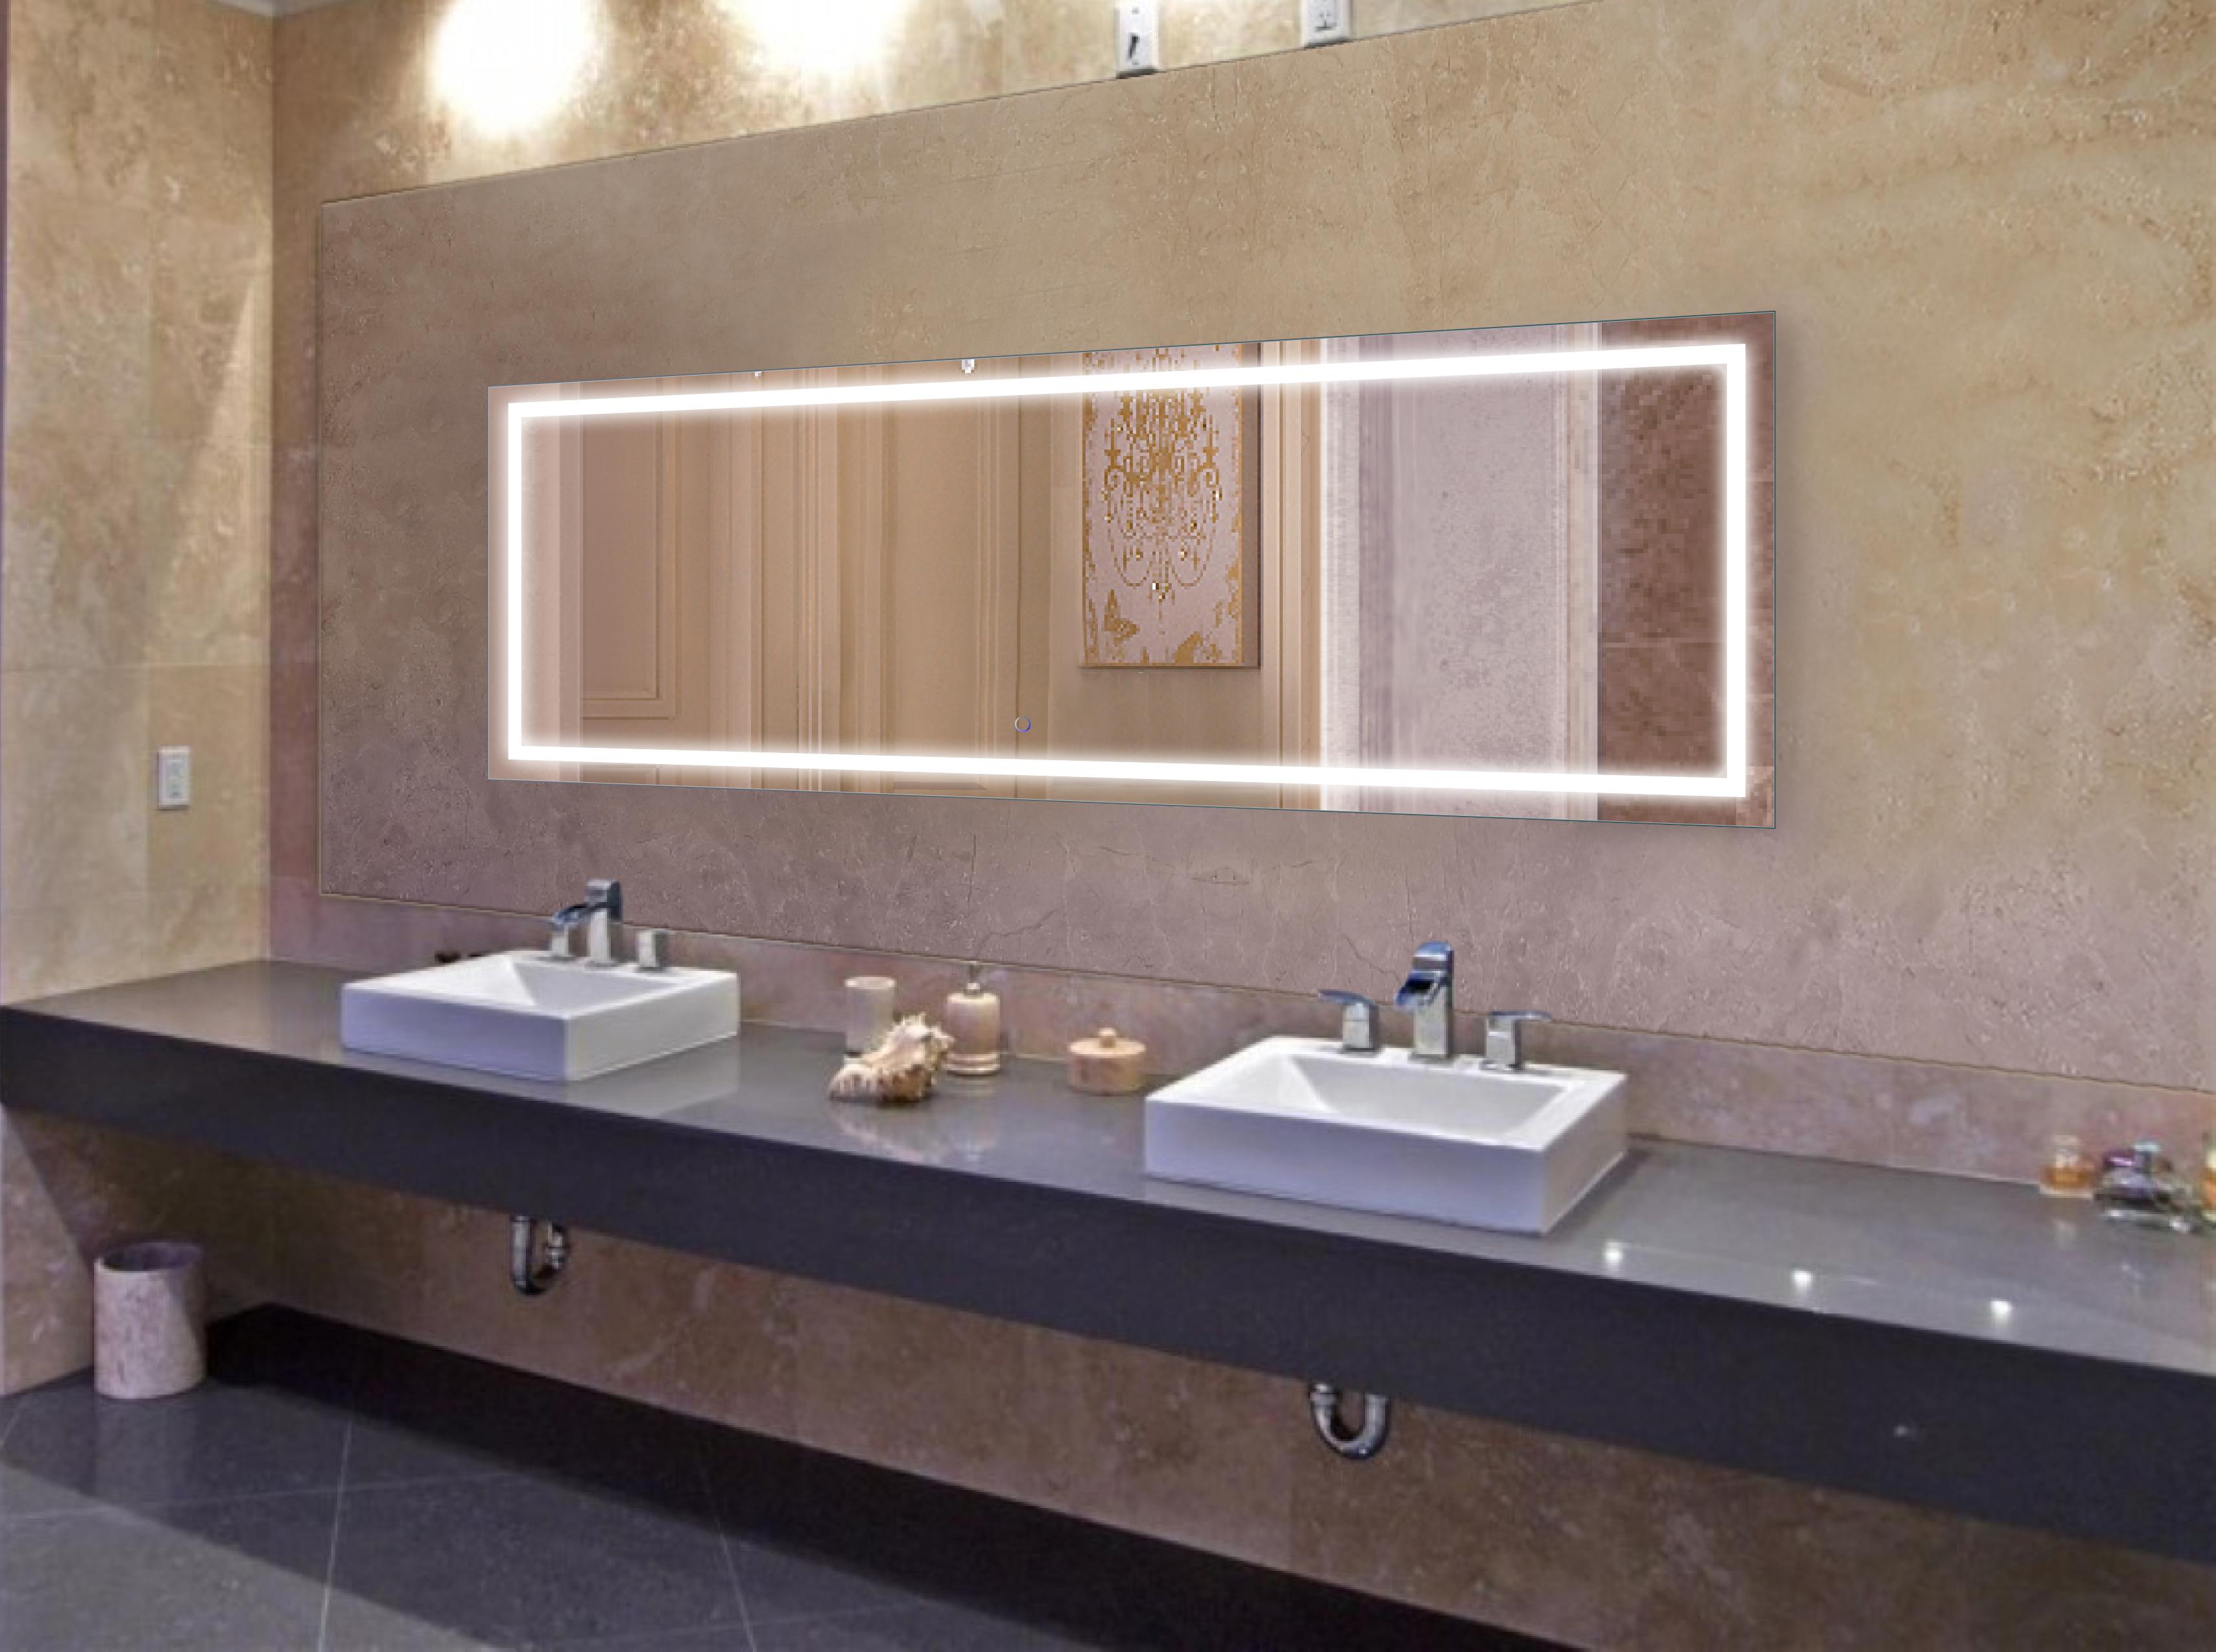 Large 84 Inch X 30 LED Bathroom Mirror